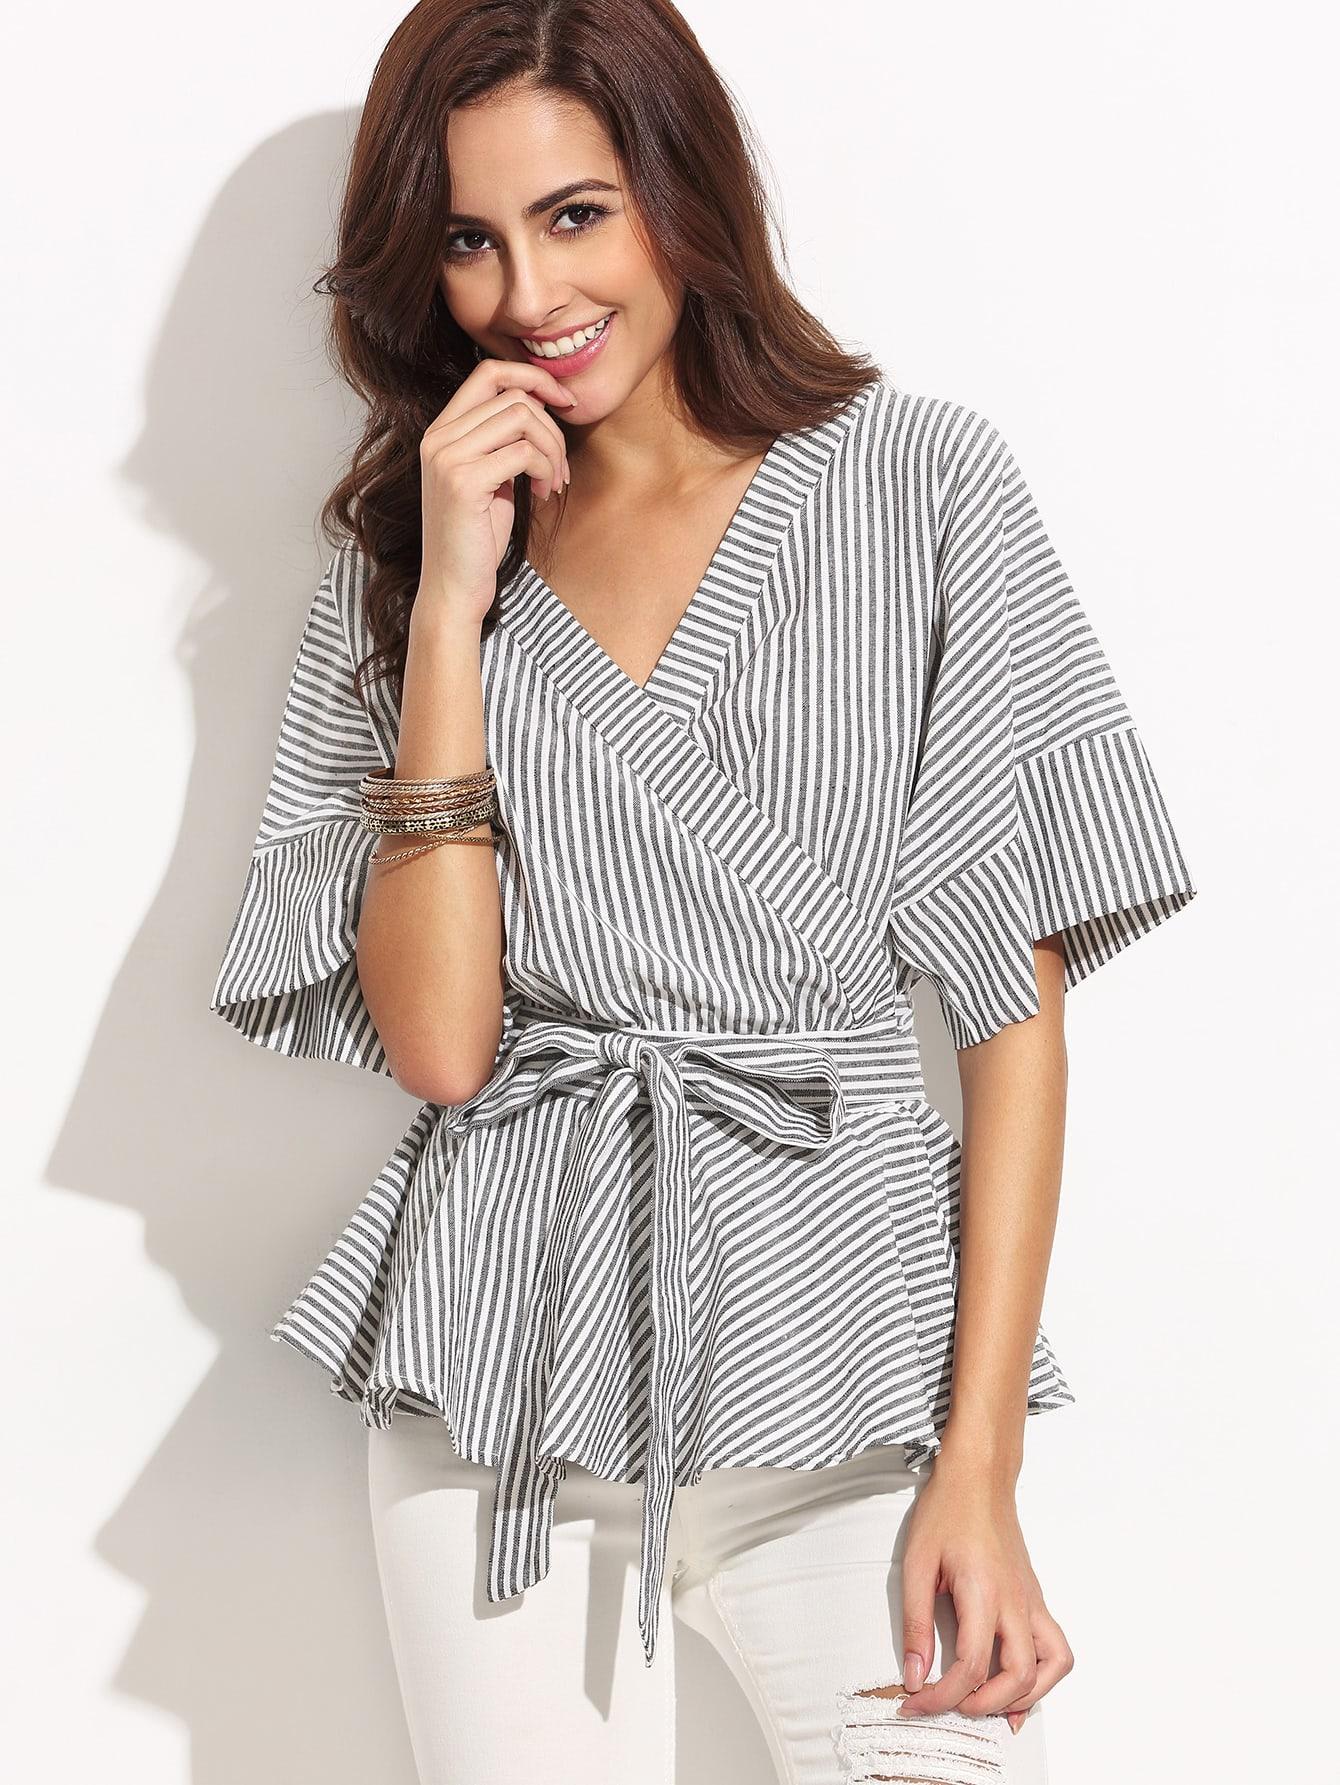 Купить Чёрно-белое полосатое платье с запахом с поясом, Giulia, SheIn